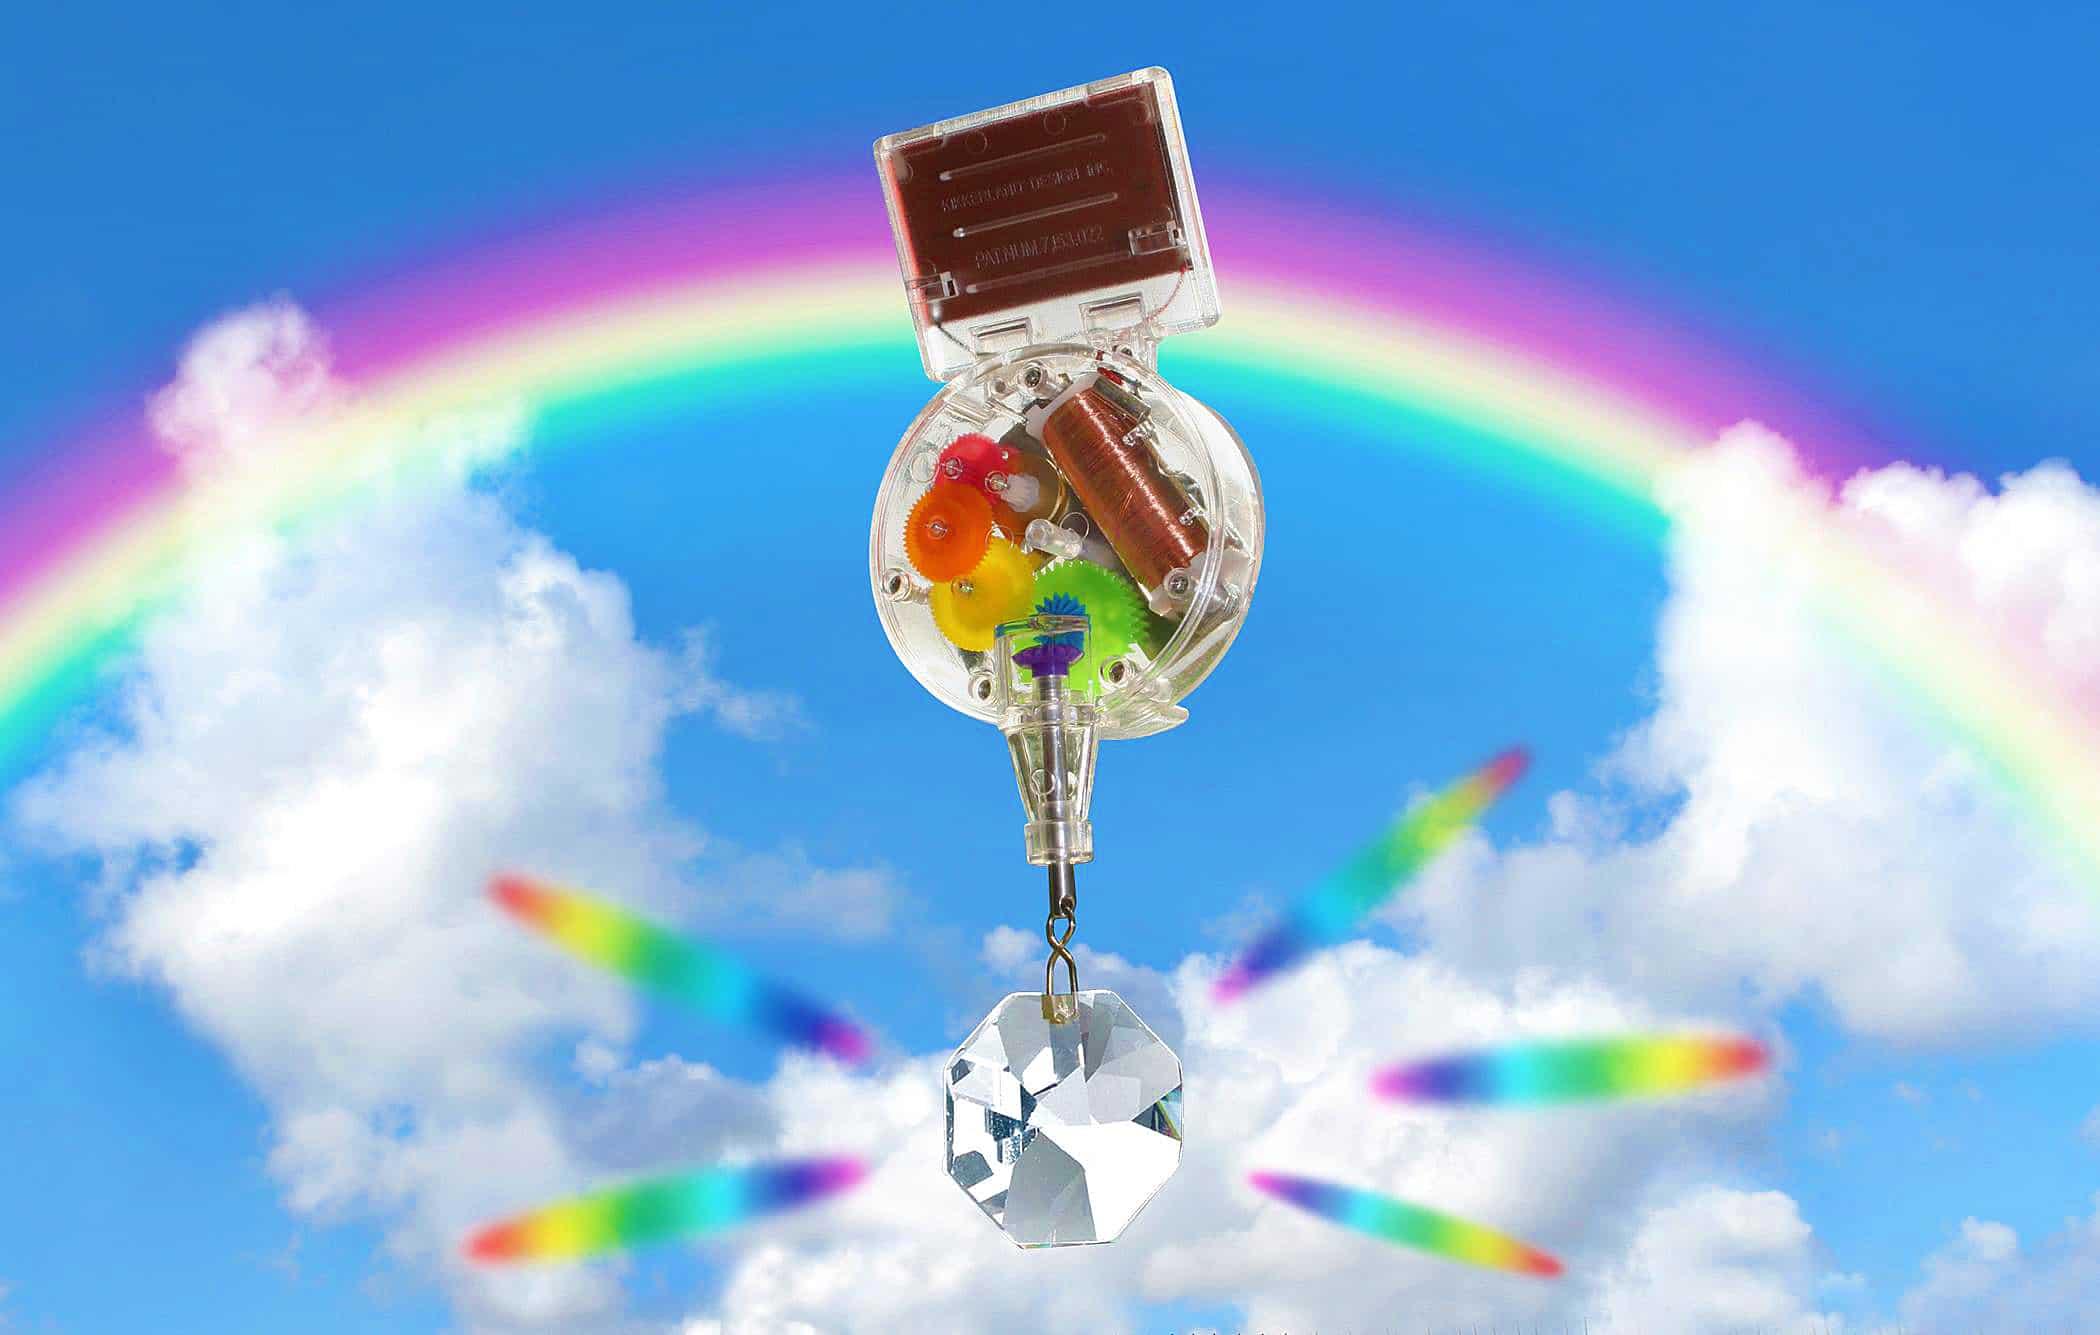 Kikkerland Solar-Powered Rainbow Maker Cool Gift Idea for Kids